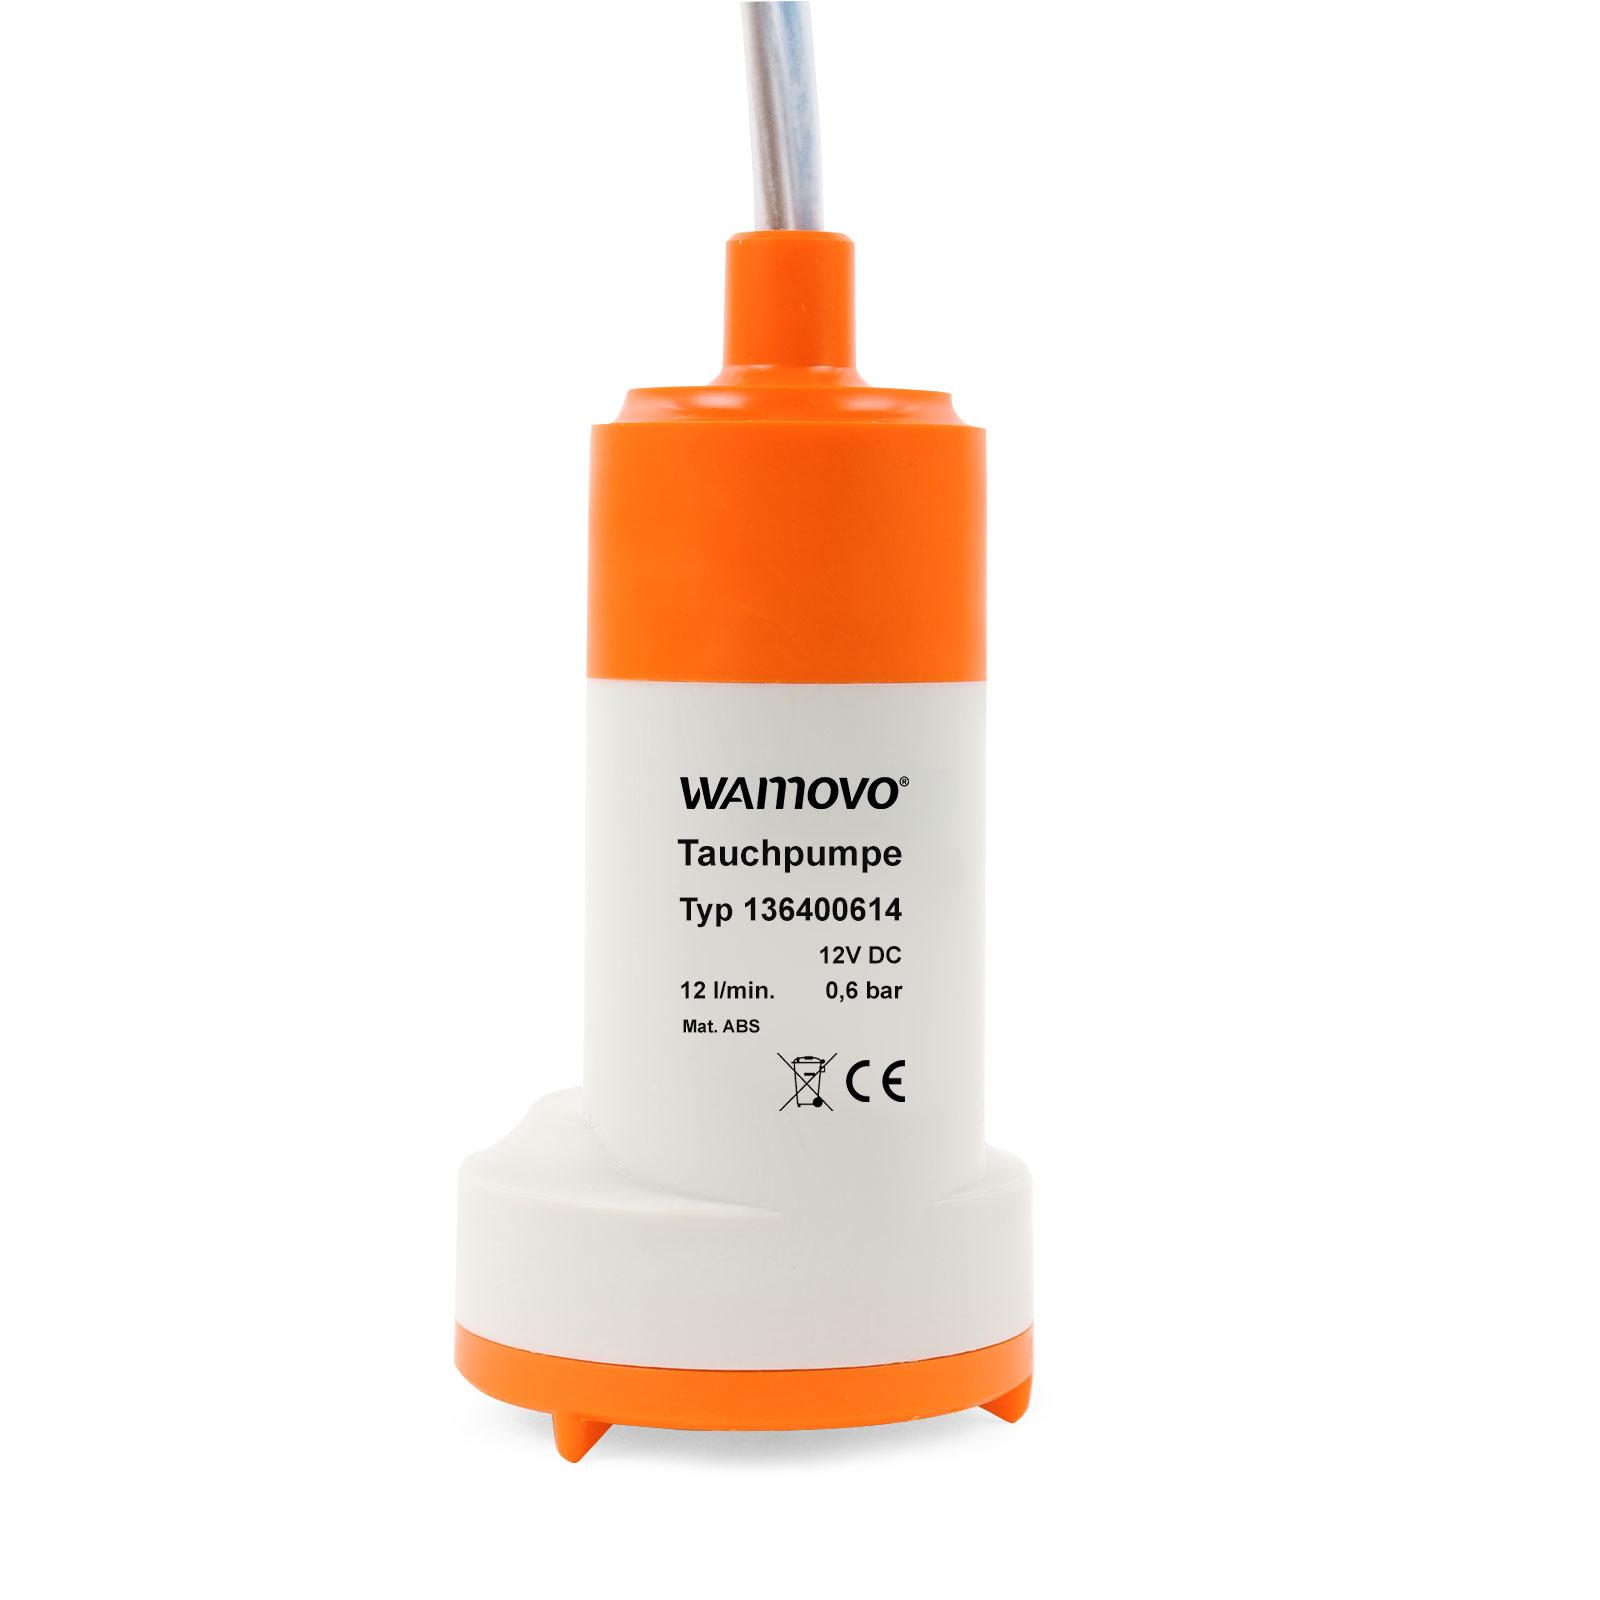 Tauchpumpe 12v 0,6 bar 12 L pro Minute 18-24 Watt Pumpe